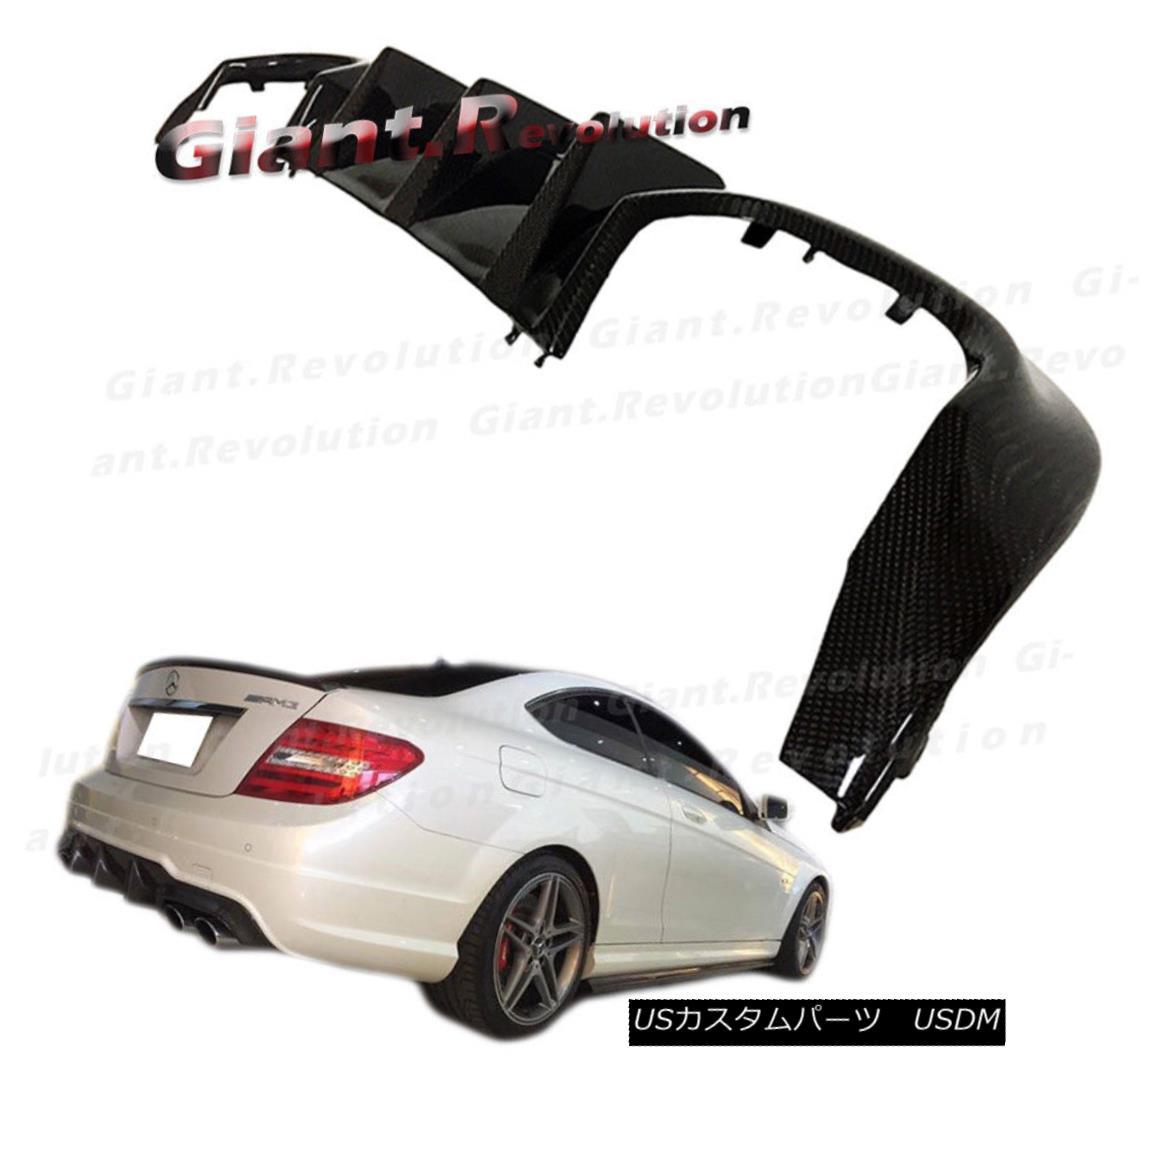 エアロパーツ For 2012-14 M-Benz W204 C-Class V2 Look Carbon Fiber Rear AMG Exchange Diffuser 2012-14 MベンツW204 CクラスV2ルックカーボンファイバーリアAMG交換ディフューザー